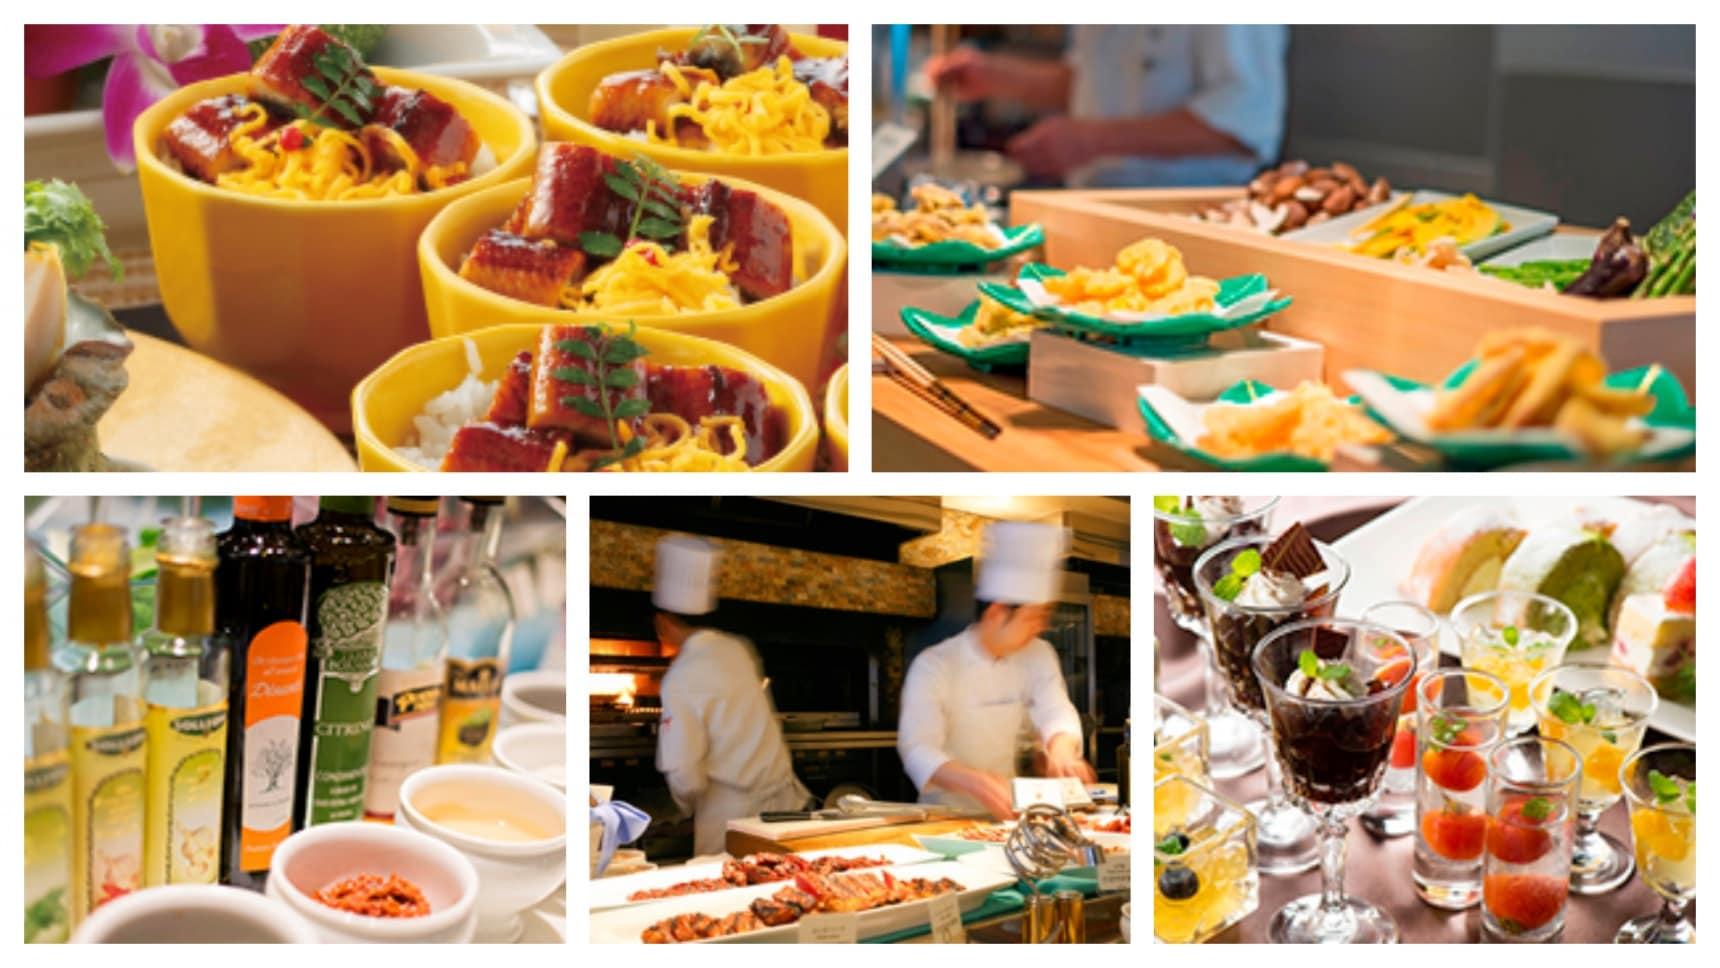 【東京絕景美食】淺草超高級食材吃到飽餐廳推薦